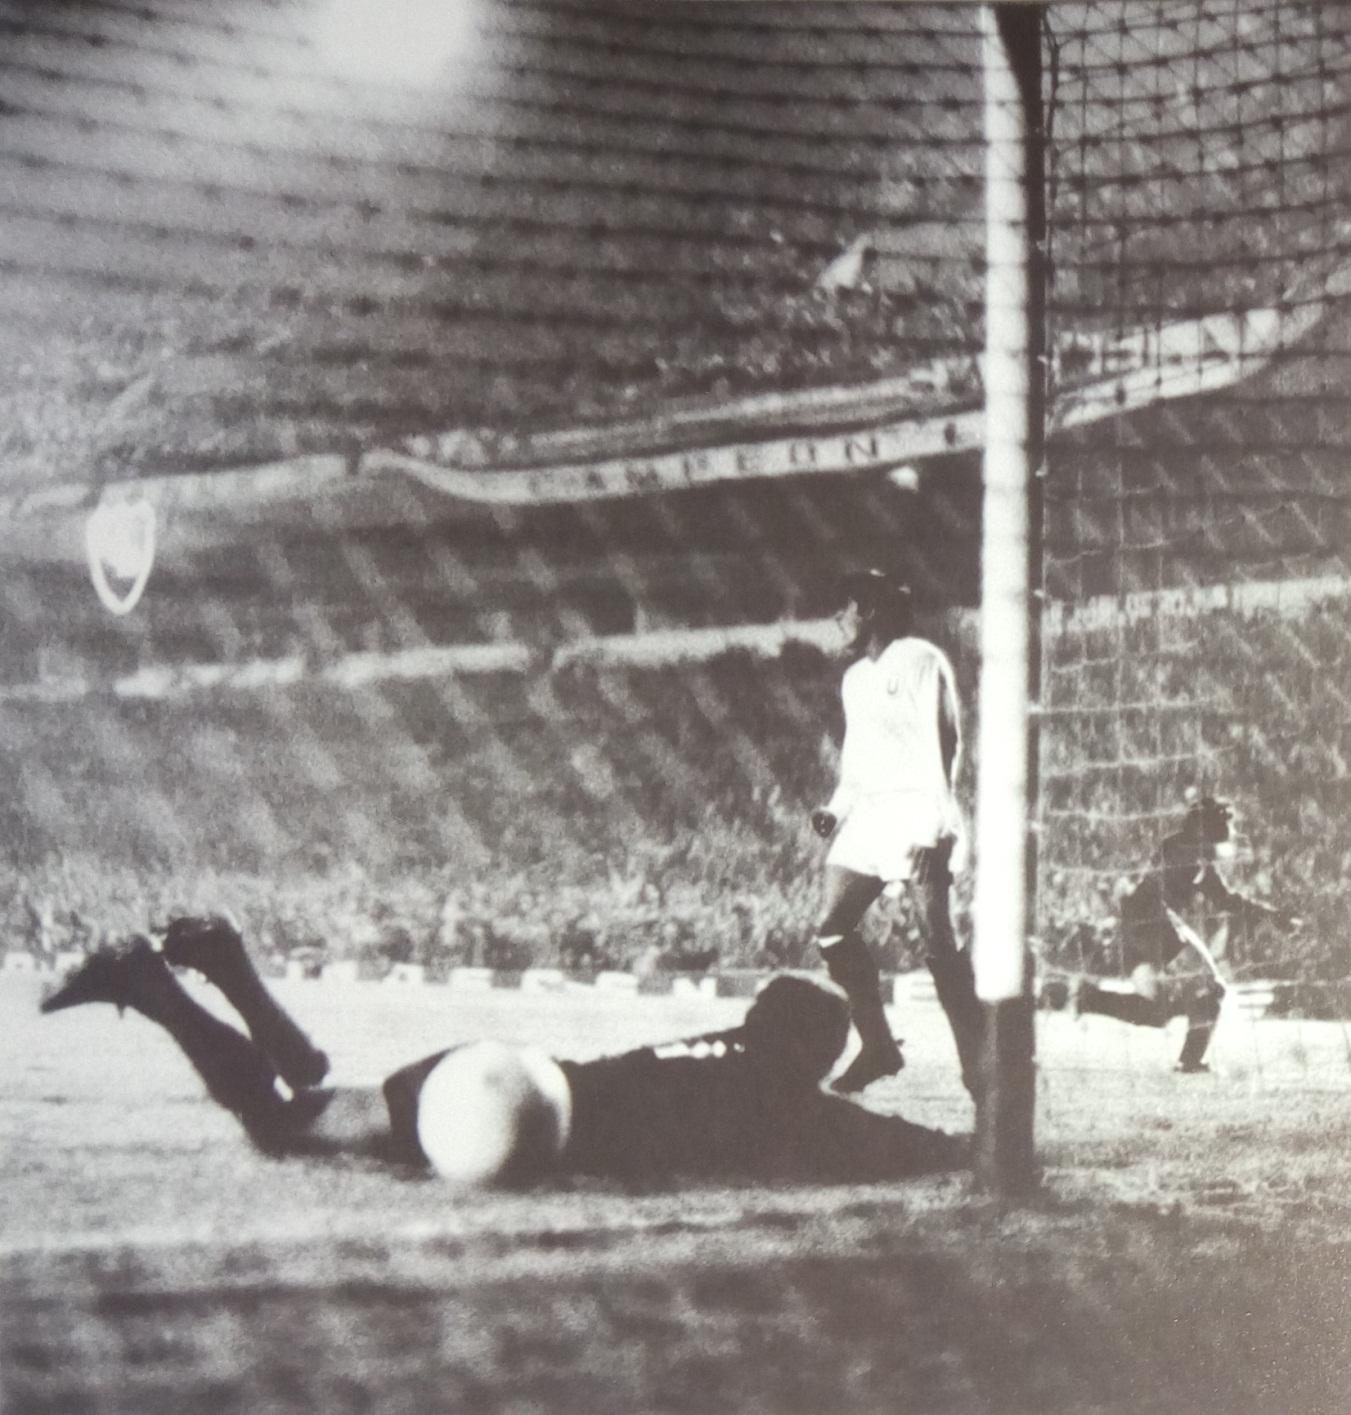 C:\Users\user\Pictures\Escaneadas Independiente\Libro 2000\1972 campeón Libertadores - gol de Maglioni (hizo los 2) a Universitario.jpg